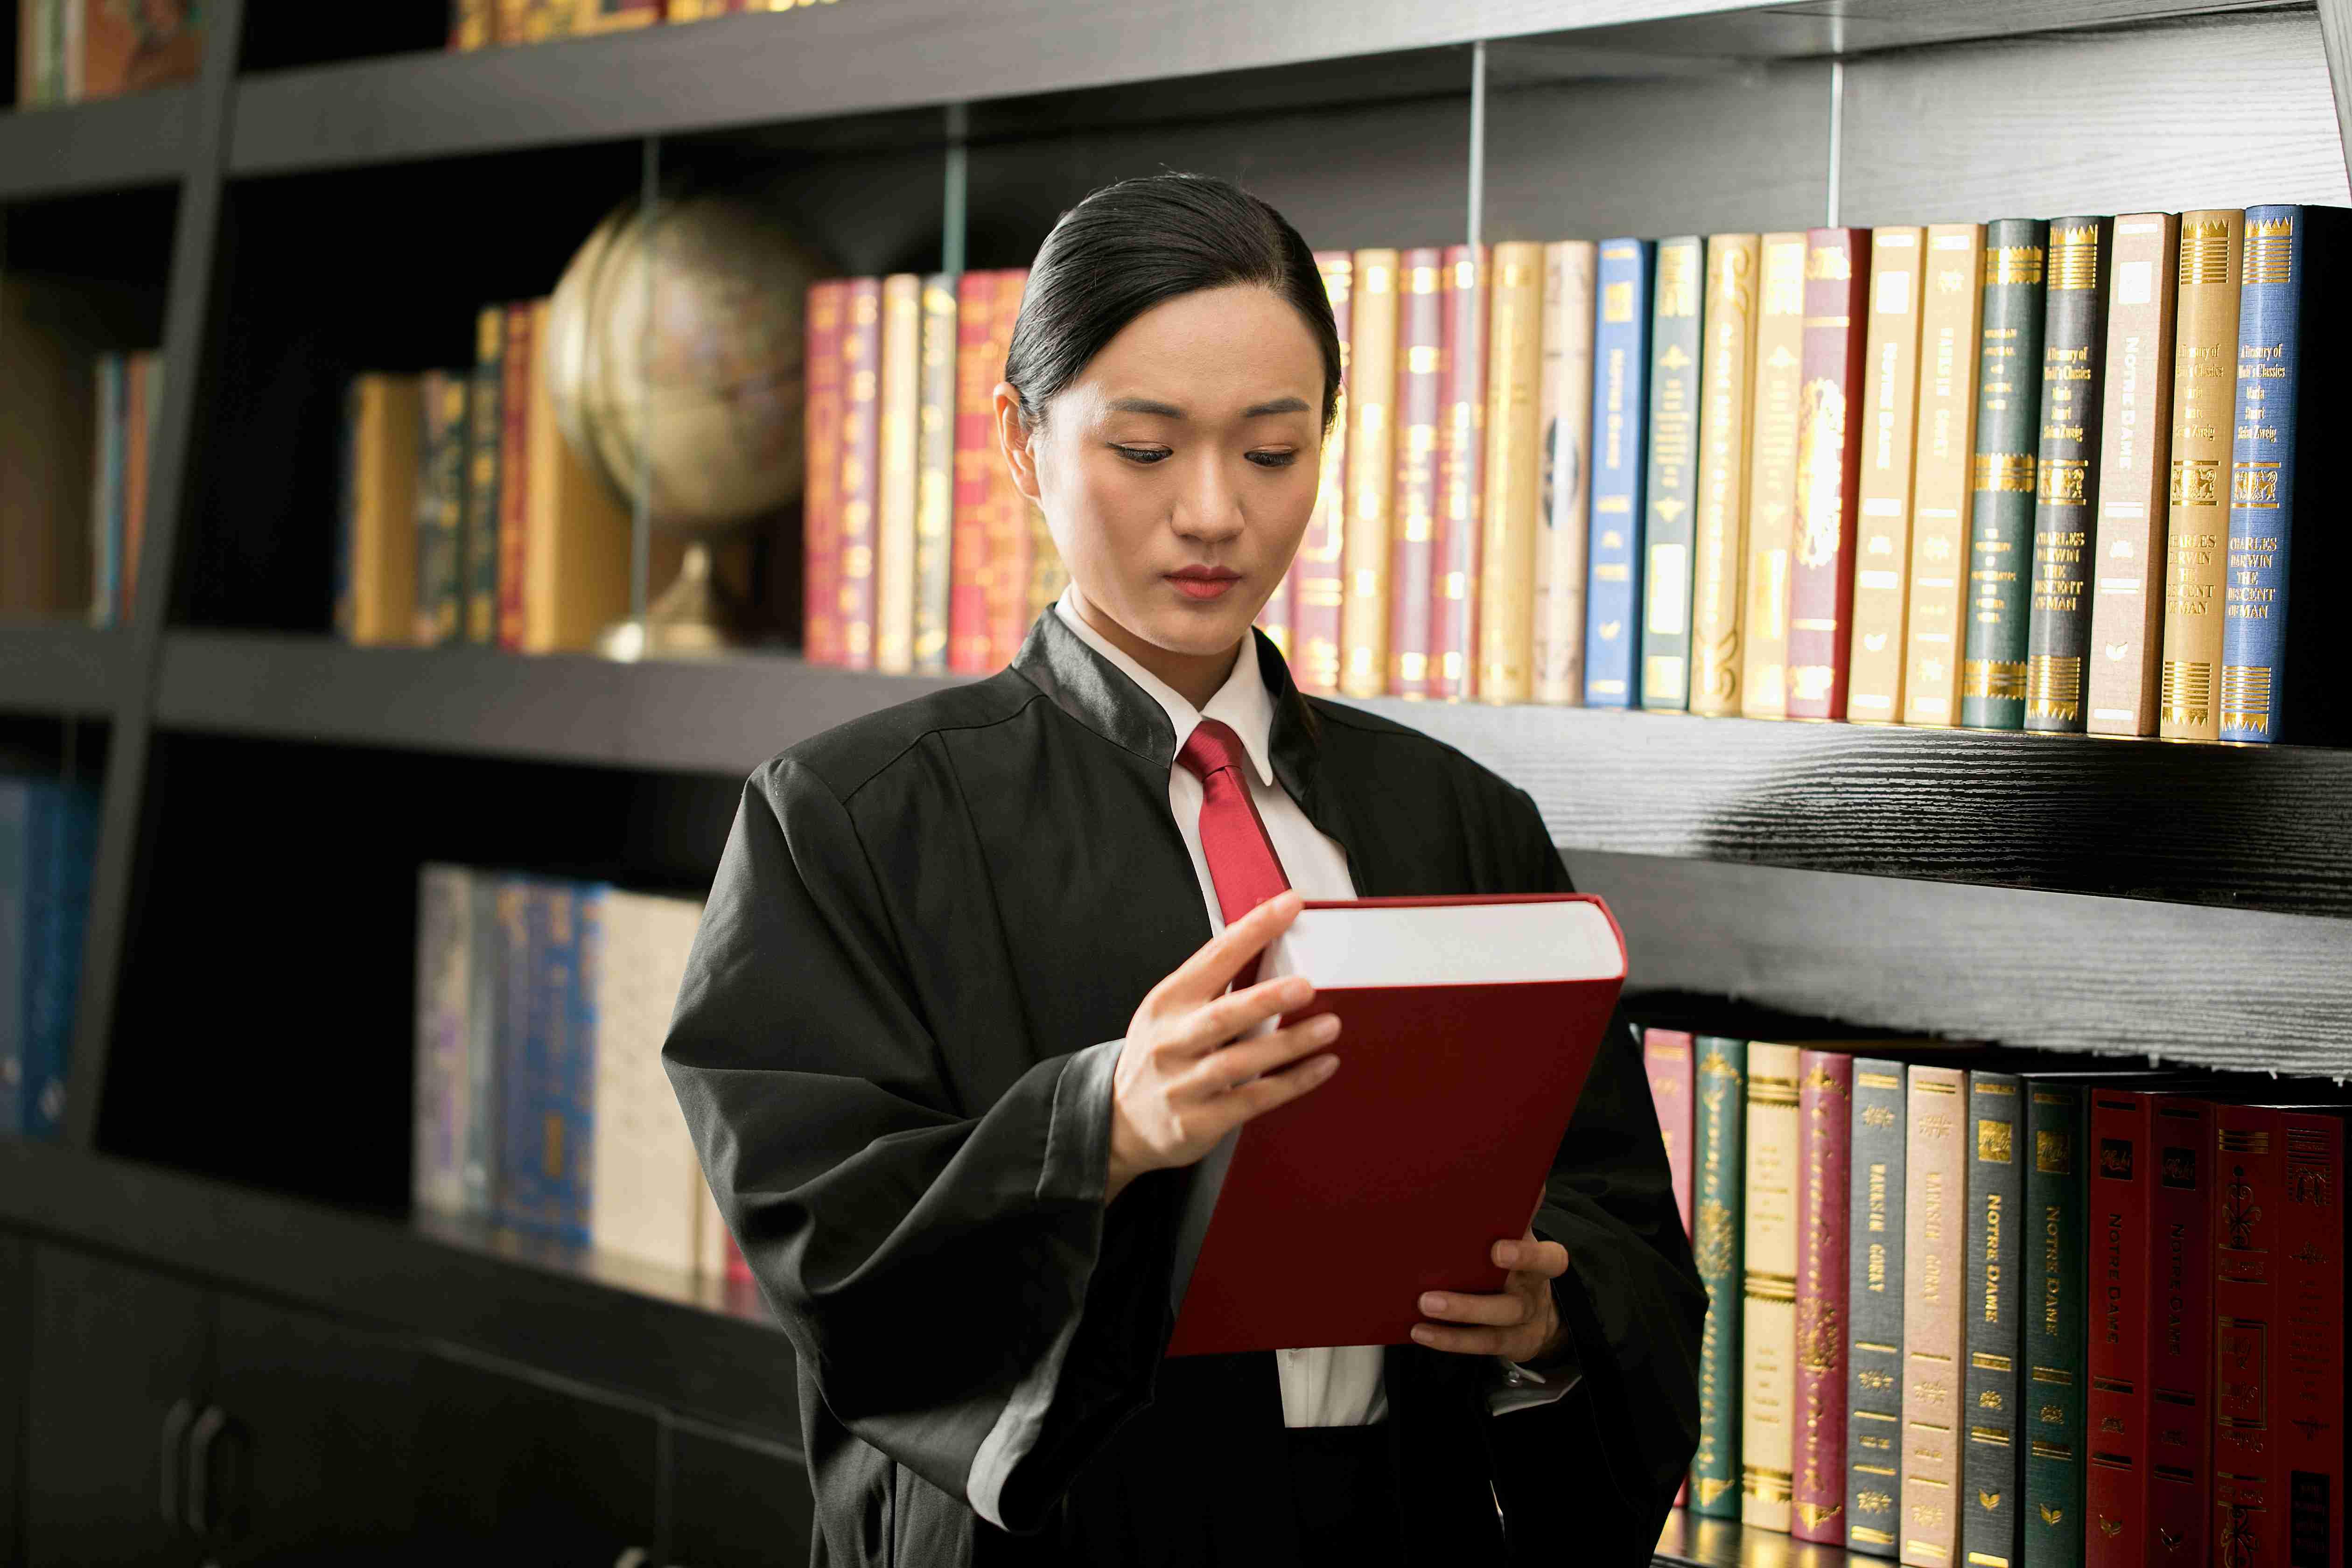 深圳知识产权律师教你如何处理网络侵权纠纷